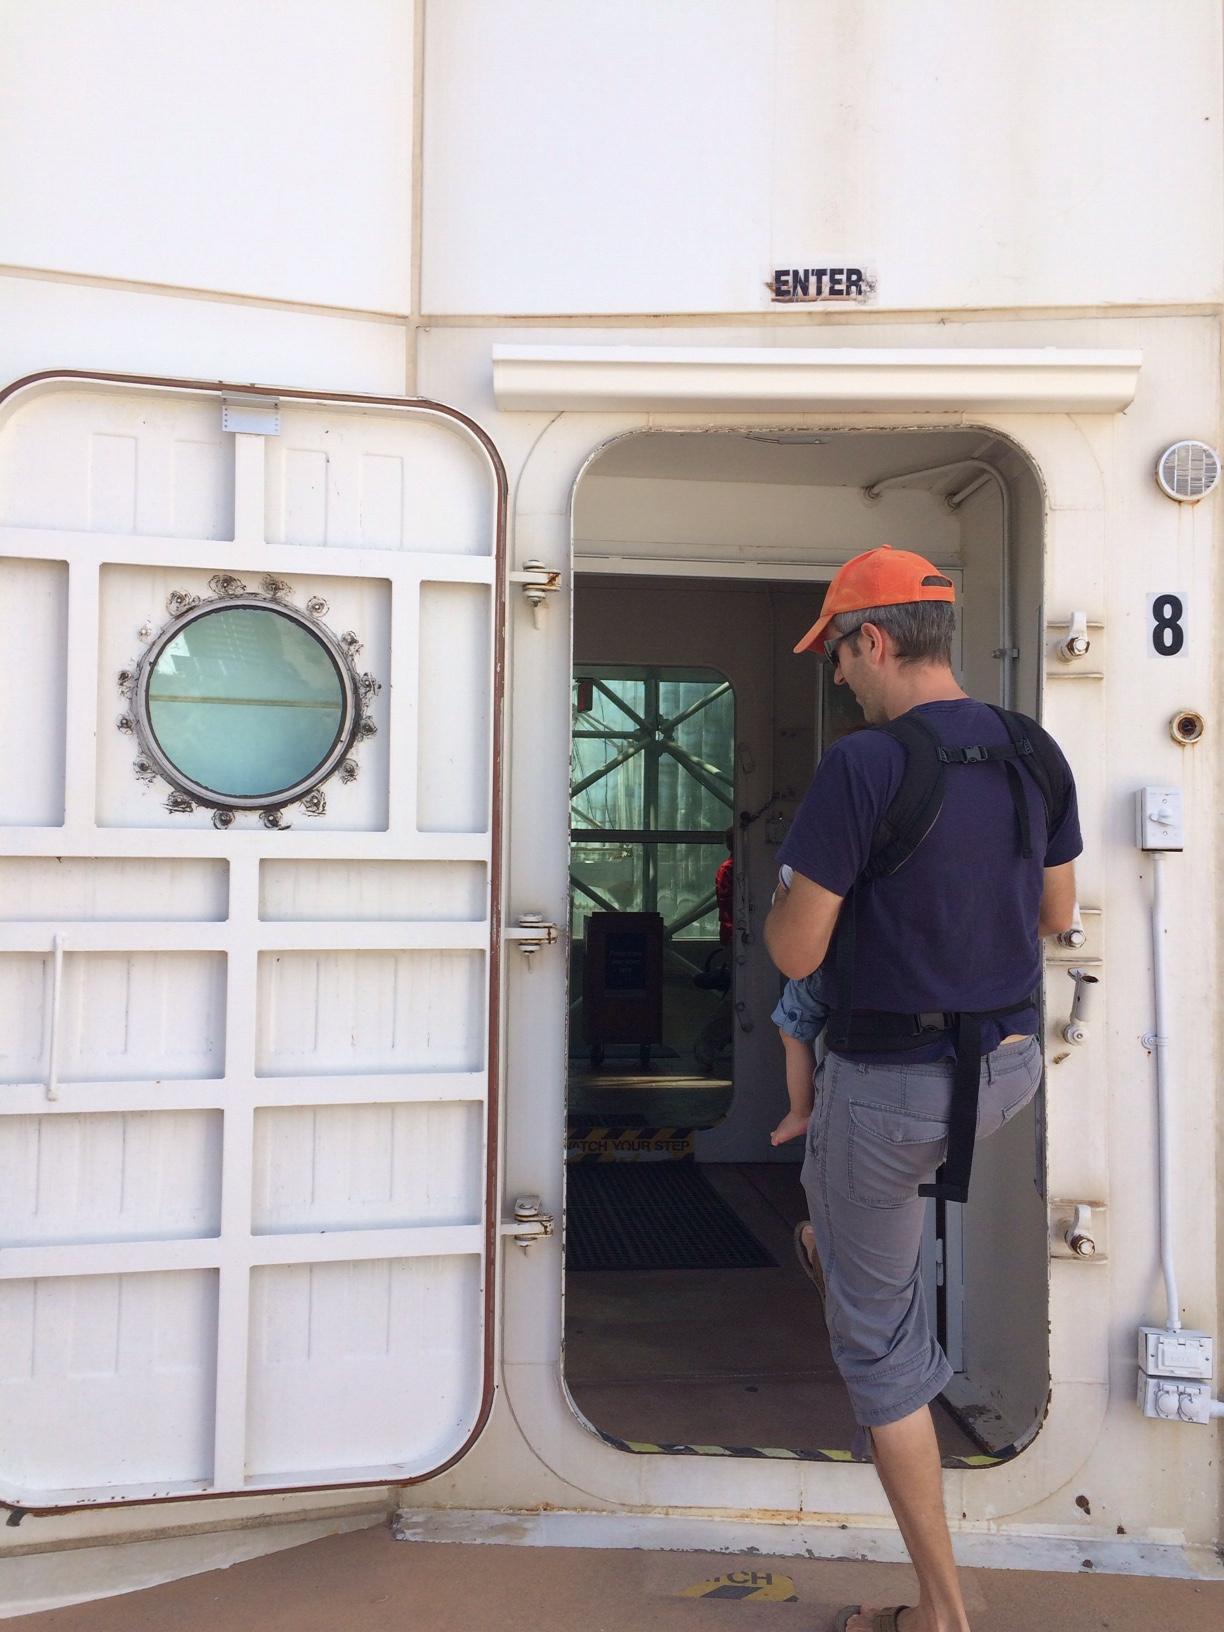 Airlock door